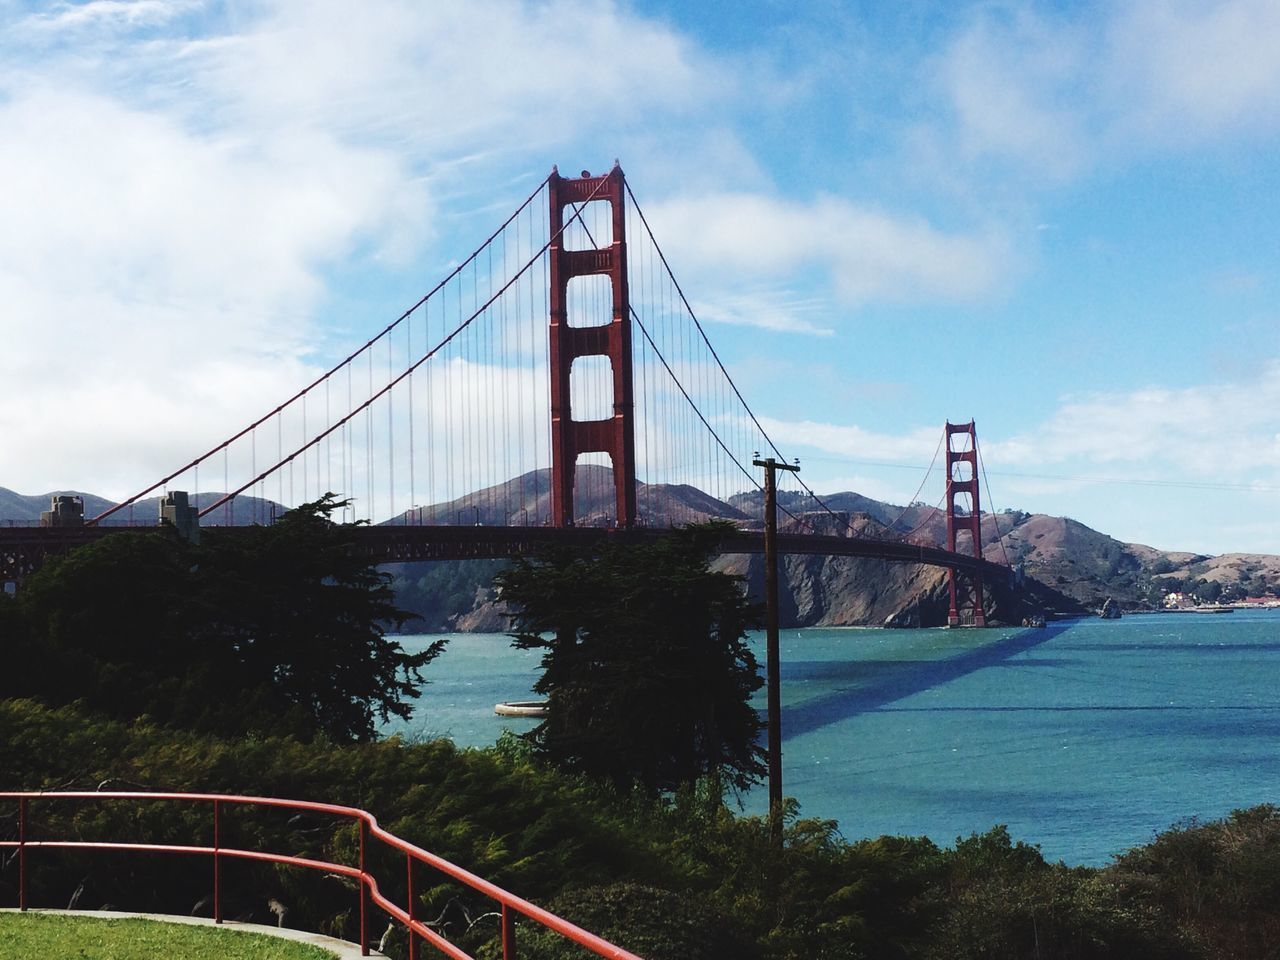 Sky Water Golden Gate Bridge Bridge No People